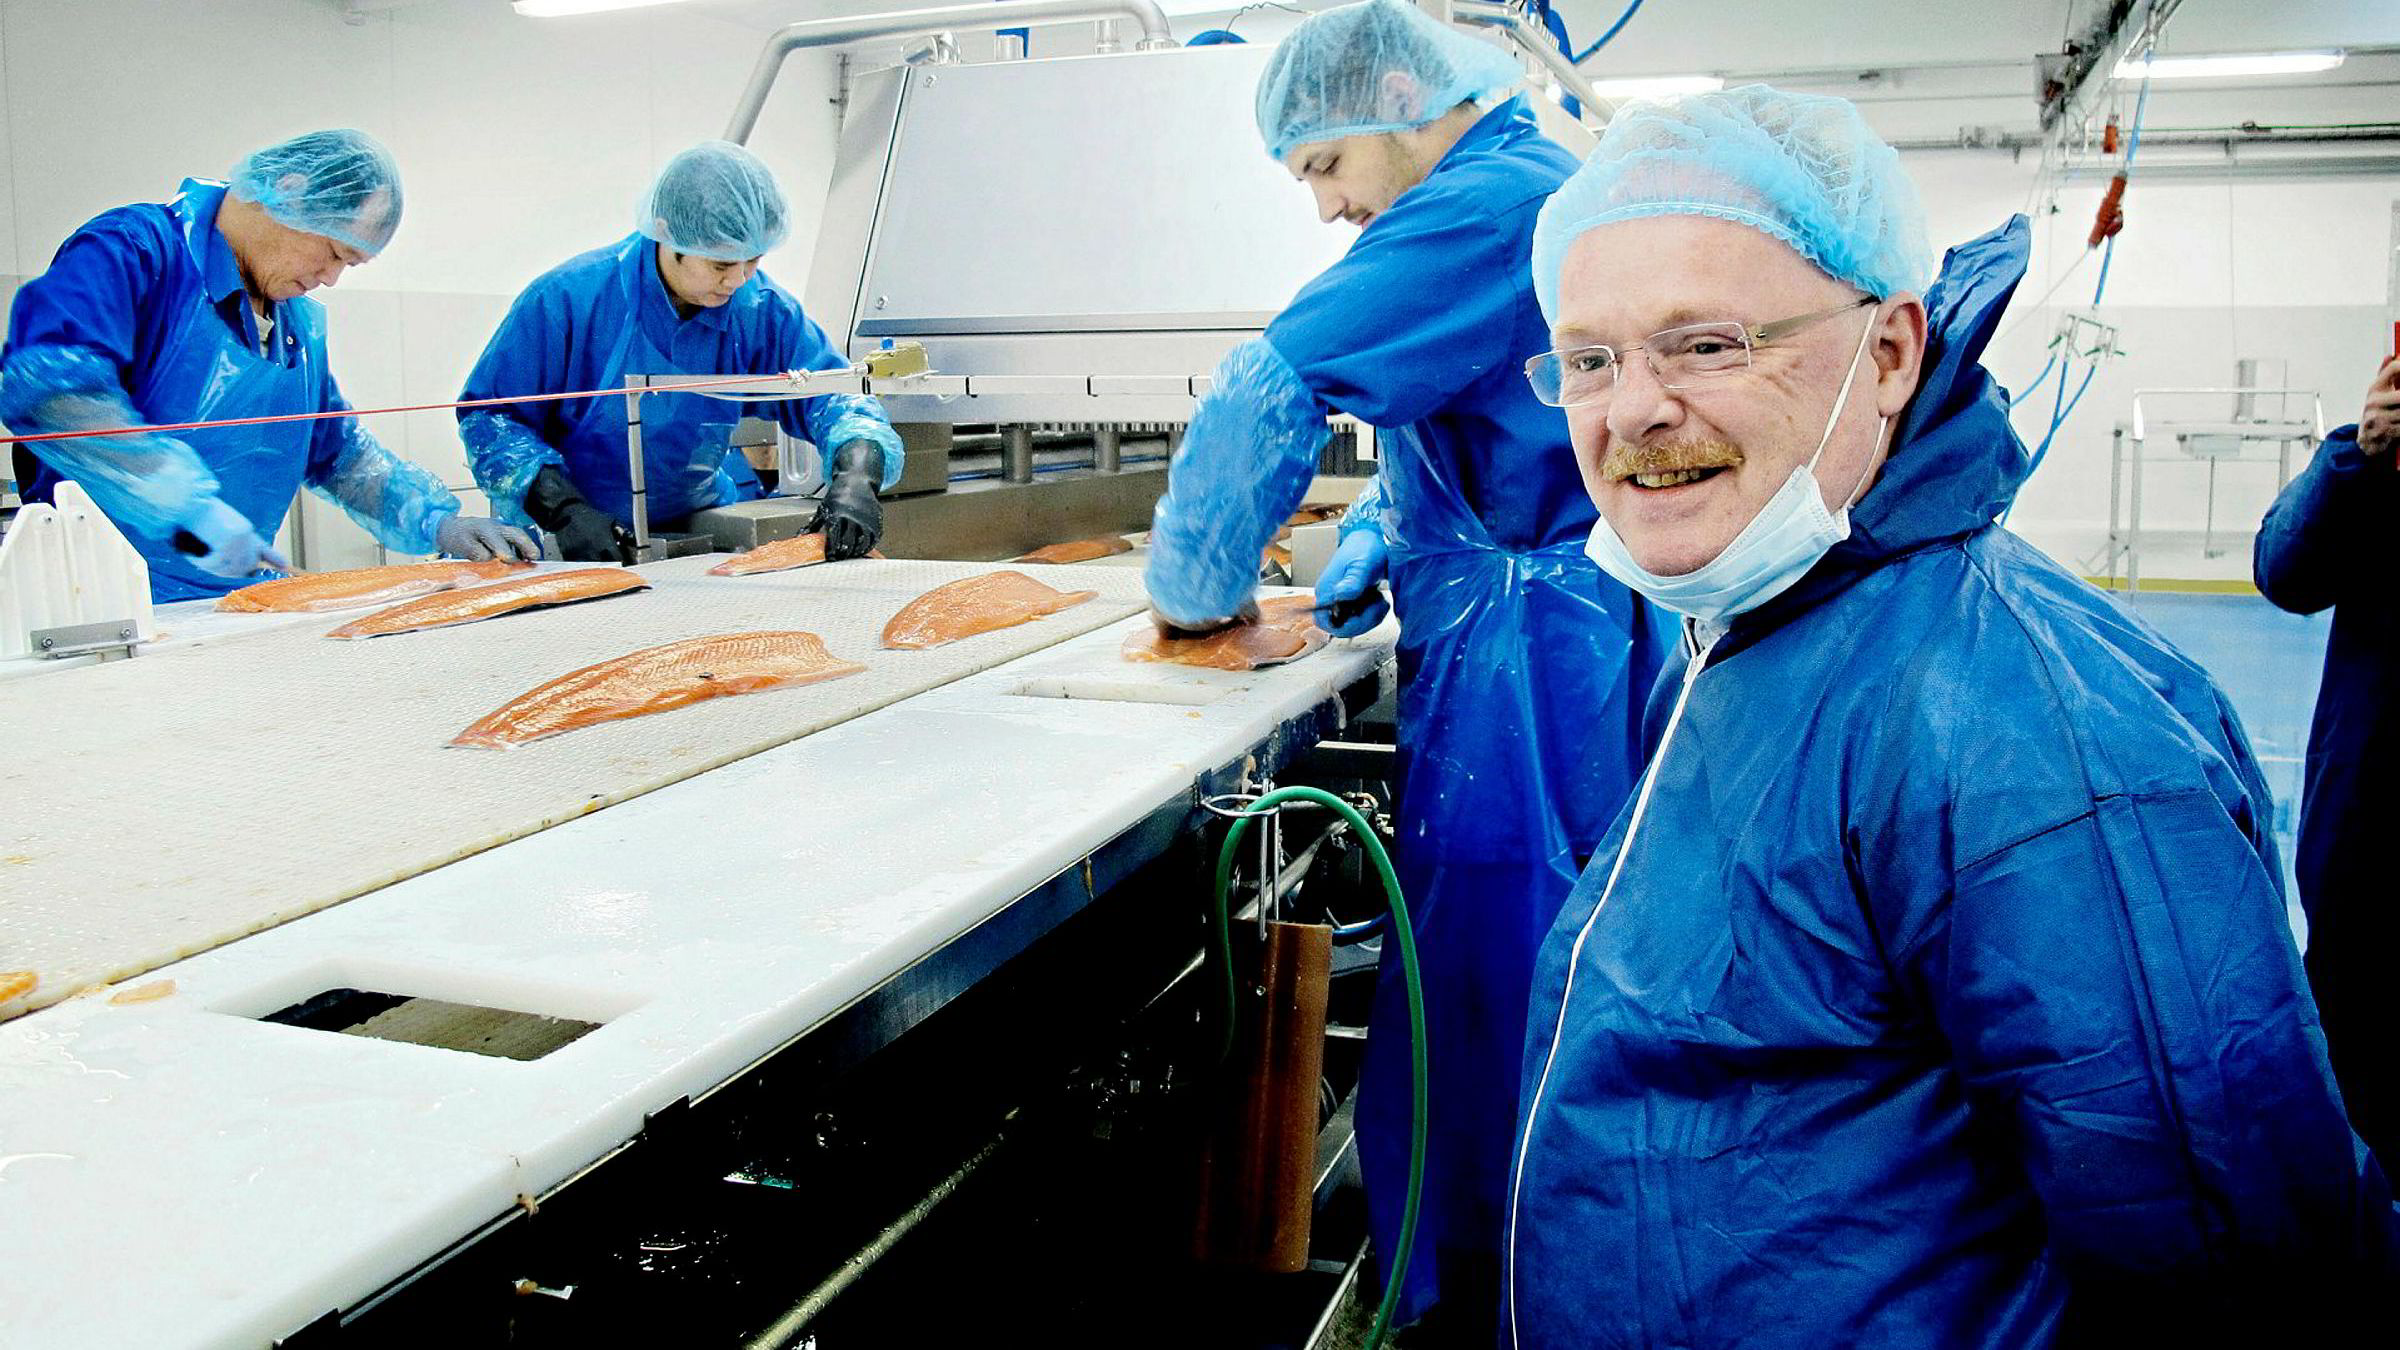 Fiskeriminister Per Sandberg er innkalt som vitne i søksmålet kommunikasjonssjef Frode Reppe i Norske Sjømatbedrifters Landsforening (NSL) har rettet mot sin arbeidsgiver.